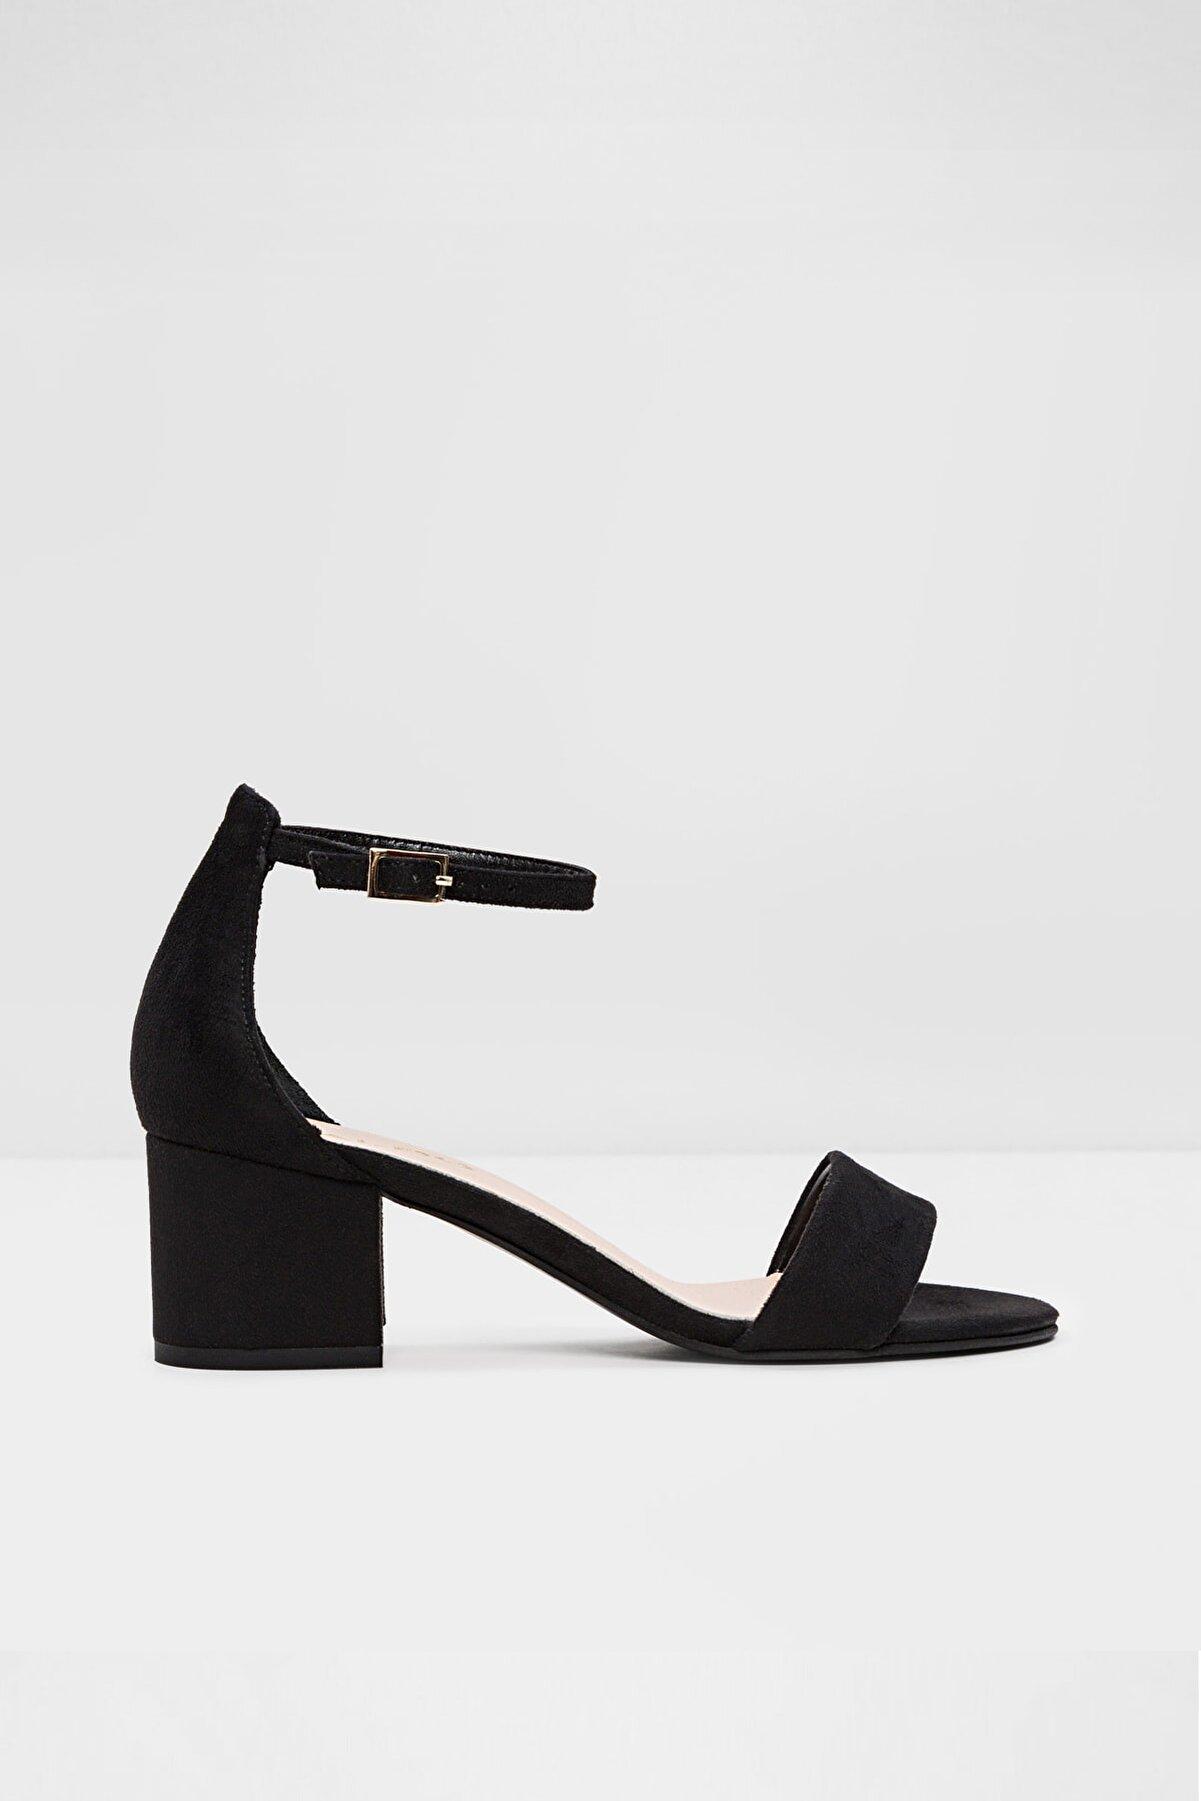 Aldo Vıllarosa-tr - Siyah Kadın Topuklu Sandalet